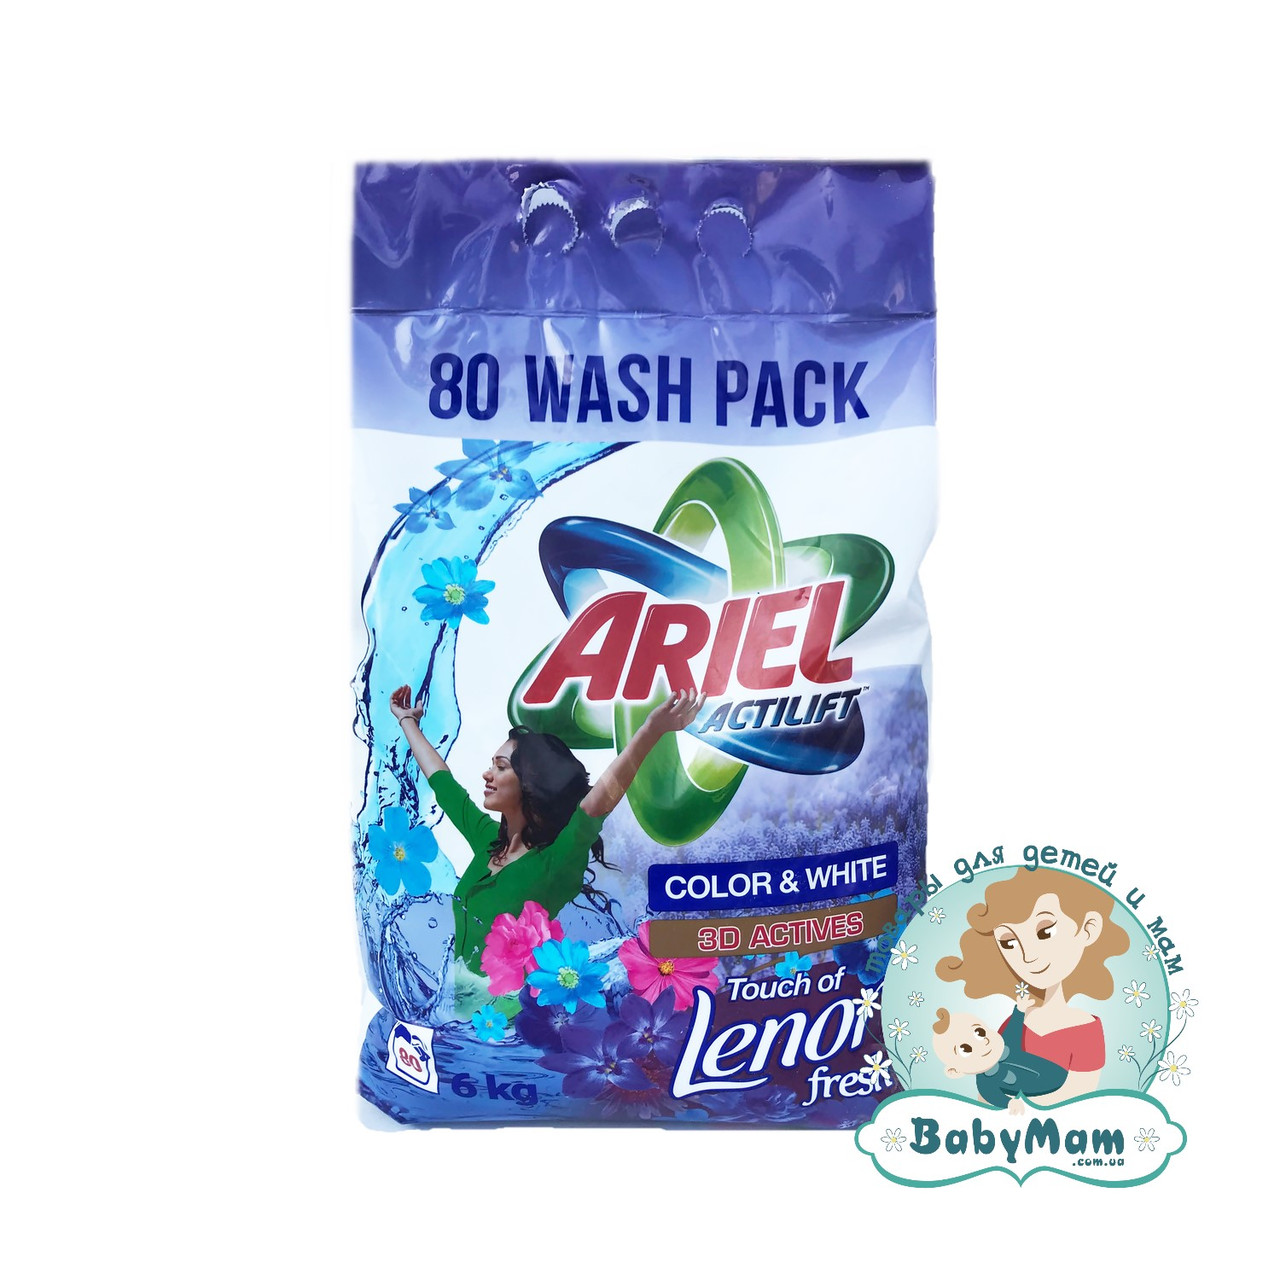 Стиральный порошок Ariel Actilift Color & White (Touch of Lenor), 6кг